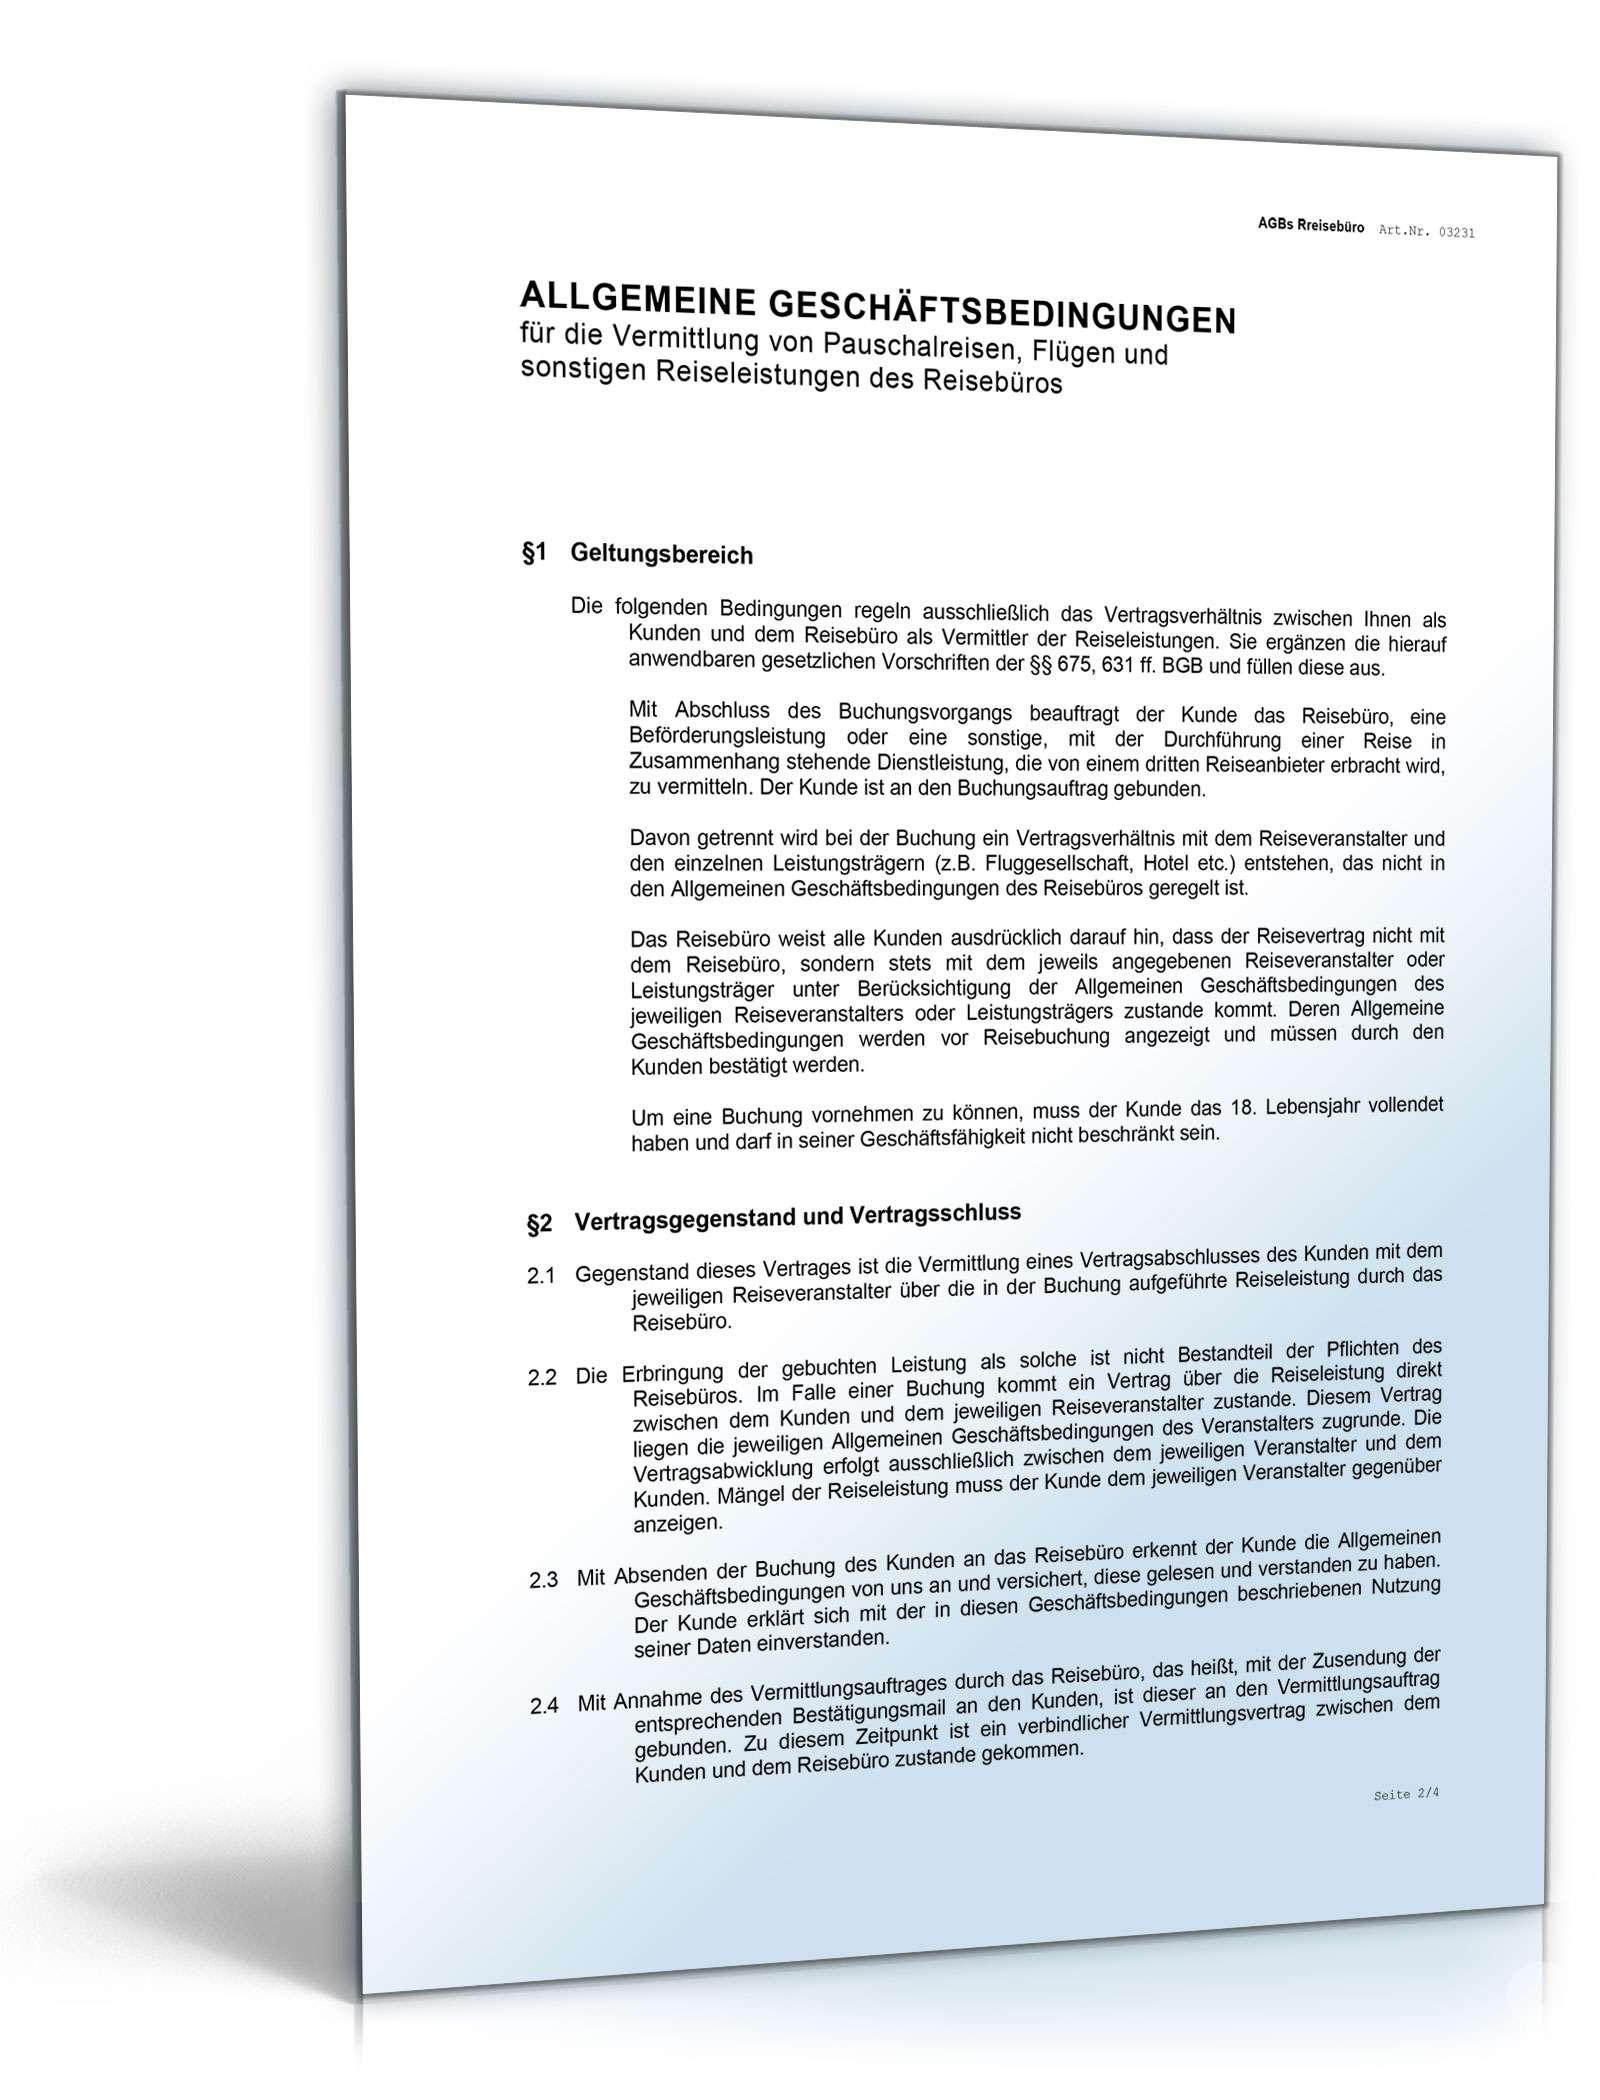 Download Archiv • Dokumente Deutschland (Kostenpflichtig ...